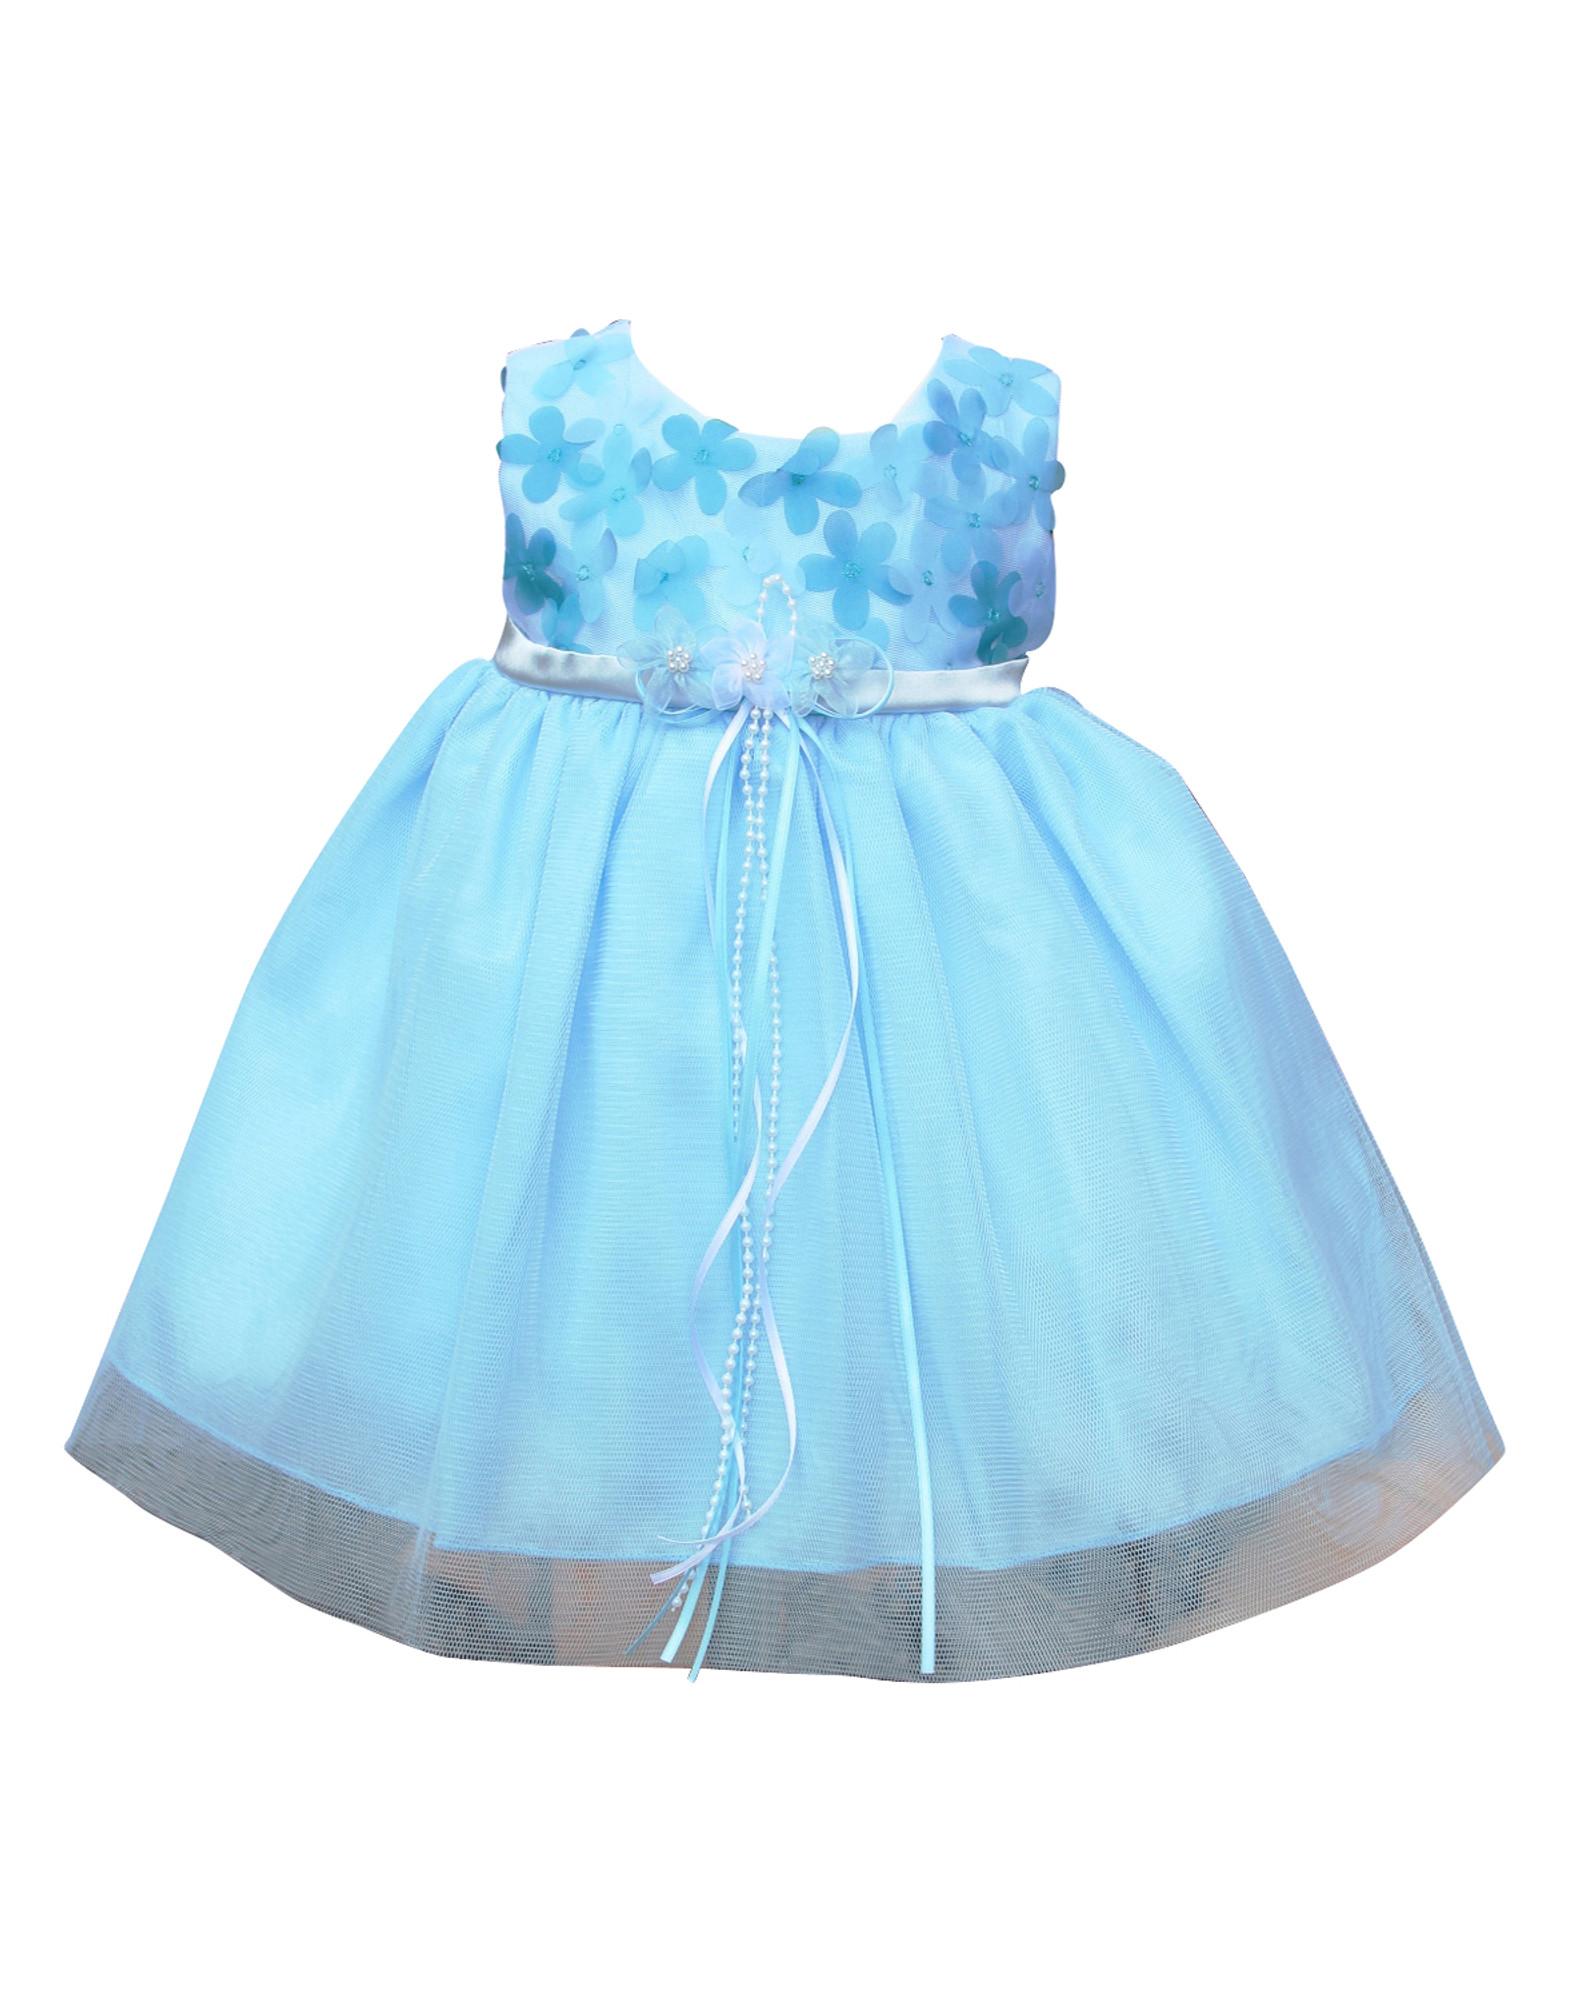 BIMARO Baby Mädchen Babykleid Cecile blau hellblau Blumen Tüll Taufkleid Taufe Hochzeit festliches Kleid